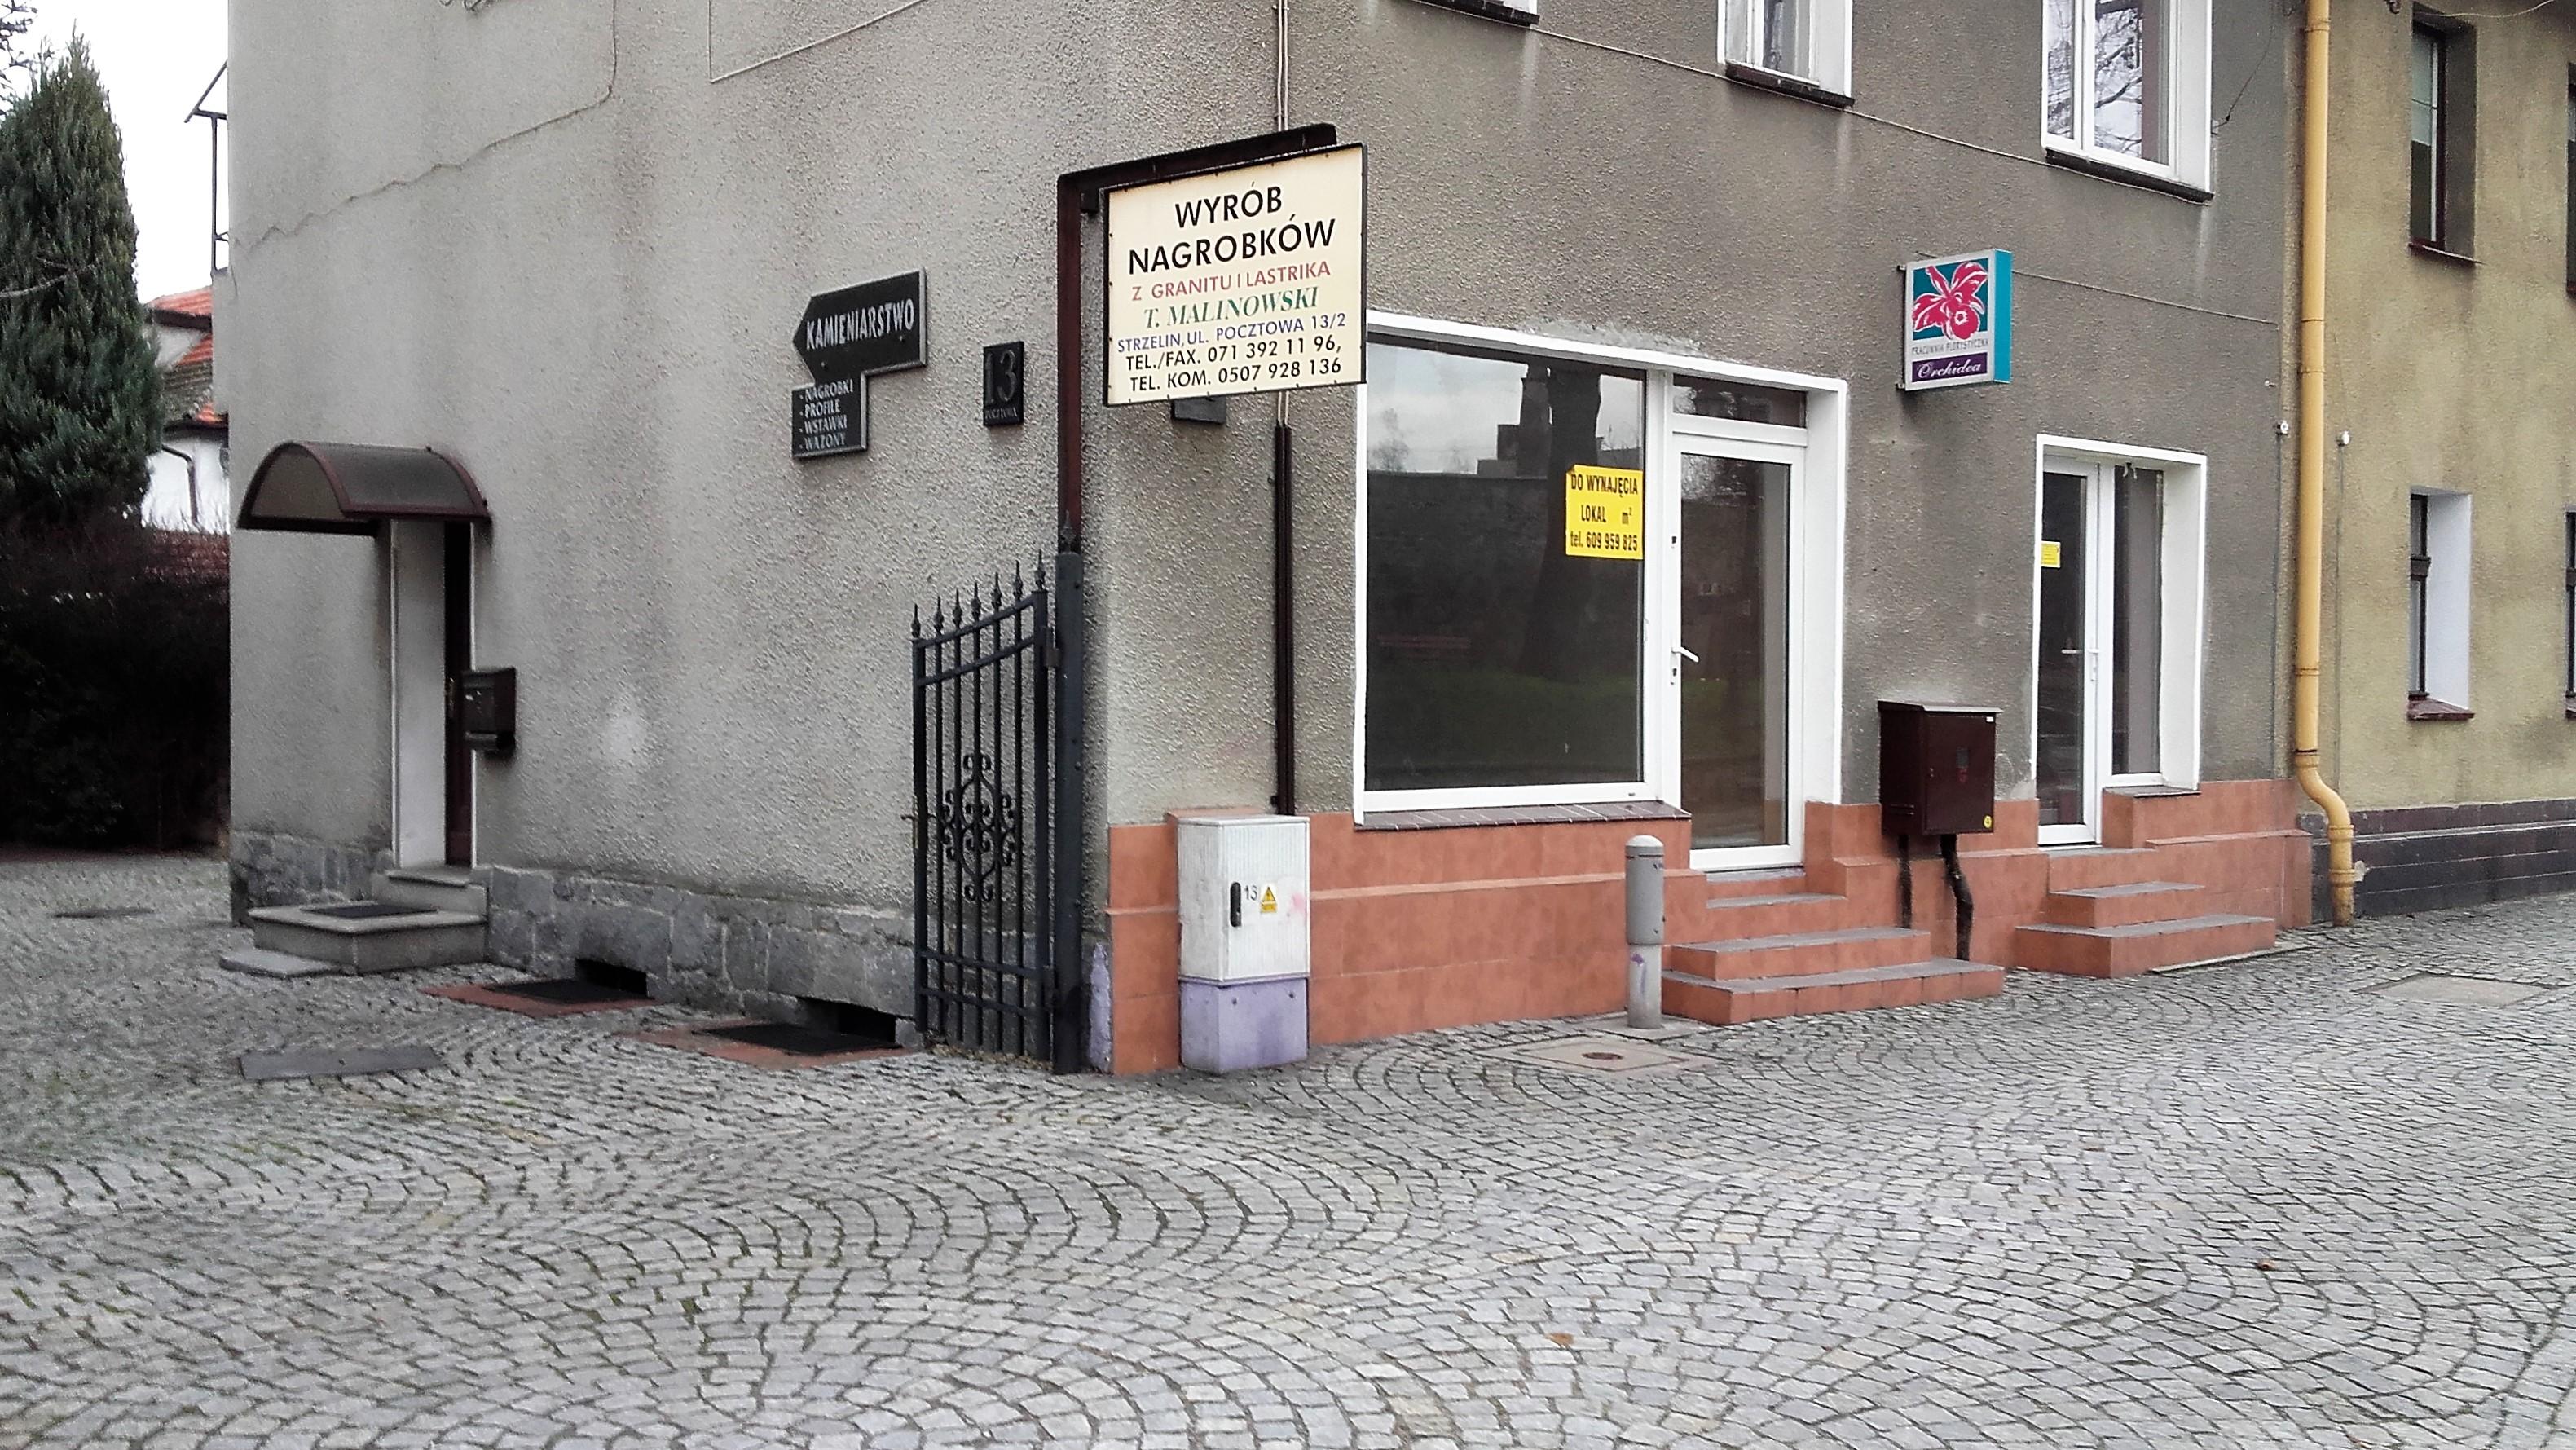 Lokal do wynajęcia w Strzeline super cena